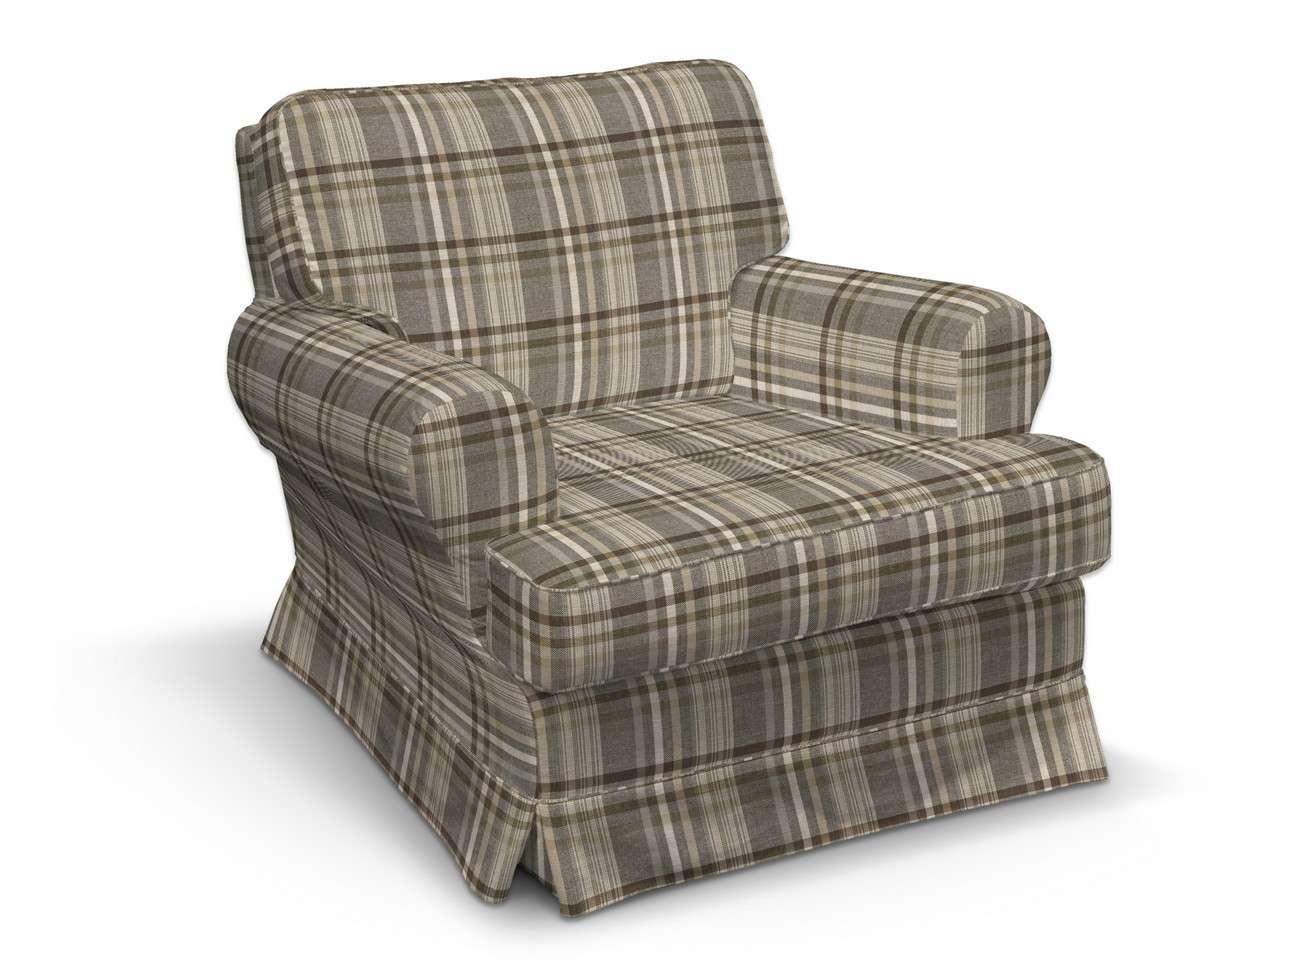 Pokrowiec na fotel Barkaby w kolekcji Edinburgh, tkanina: 703-17